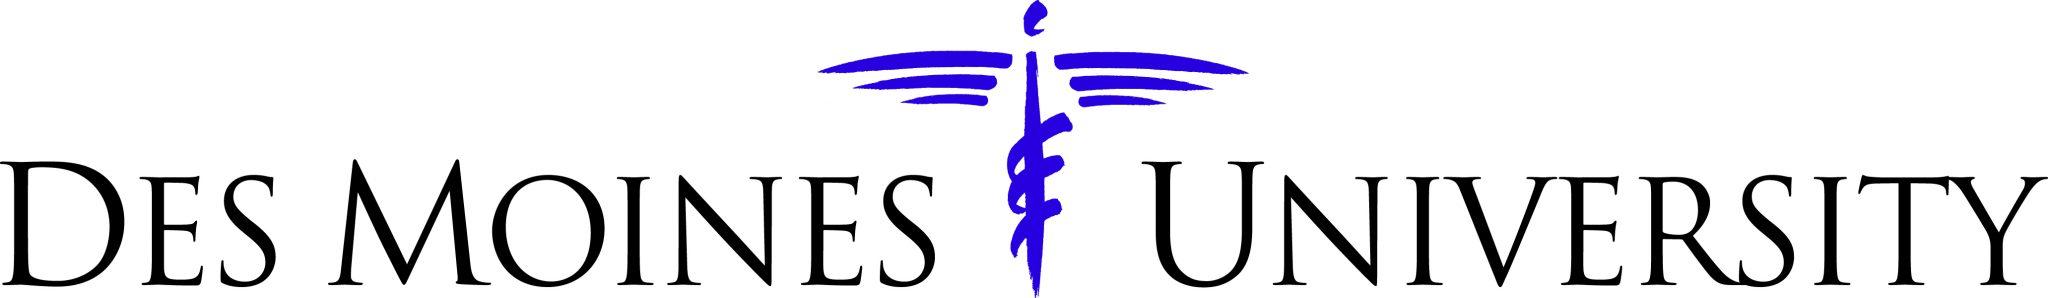 Des Moines University logo for Mac